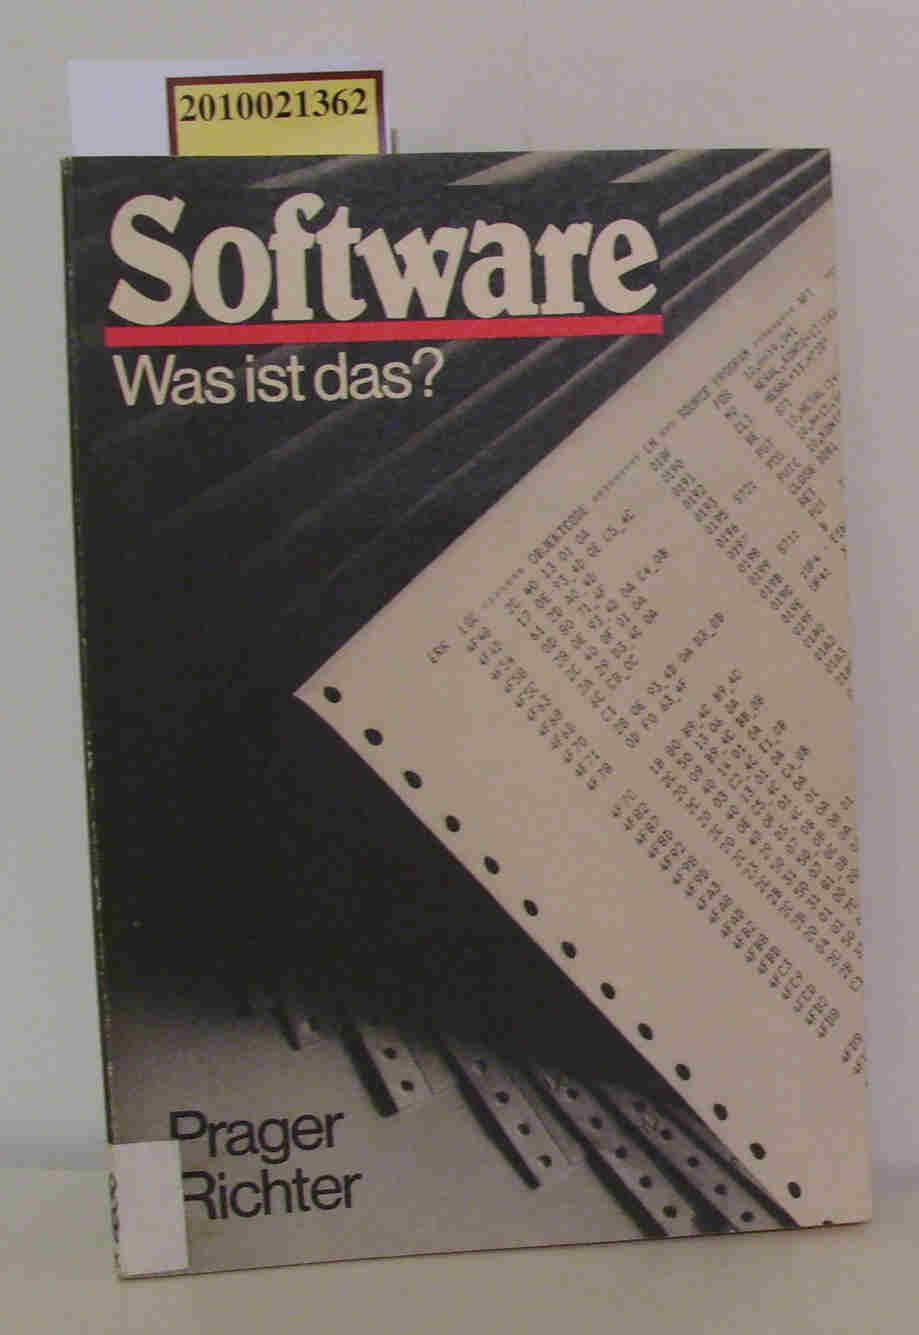 Prager,  Eberhard   Richter, Evelyn: Software Was ist das? / Eberhard Prager   Evelyn Richter